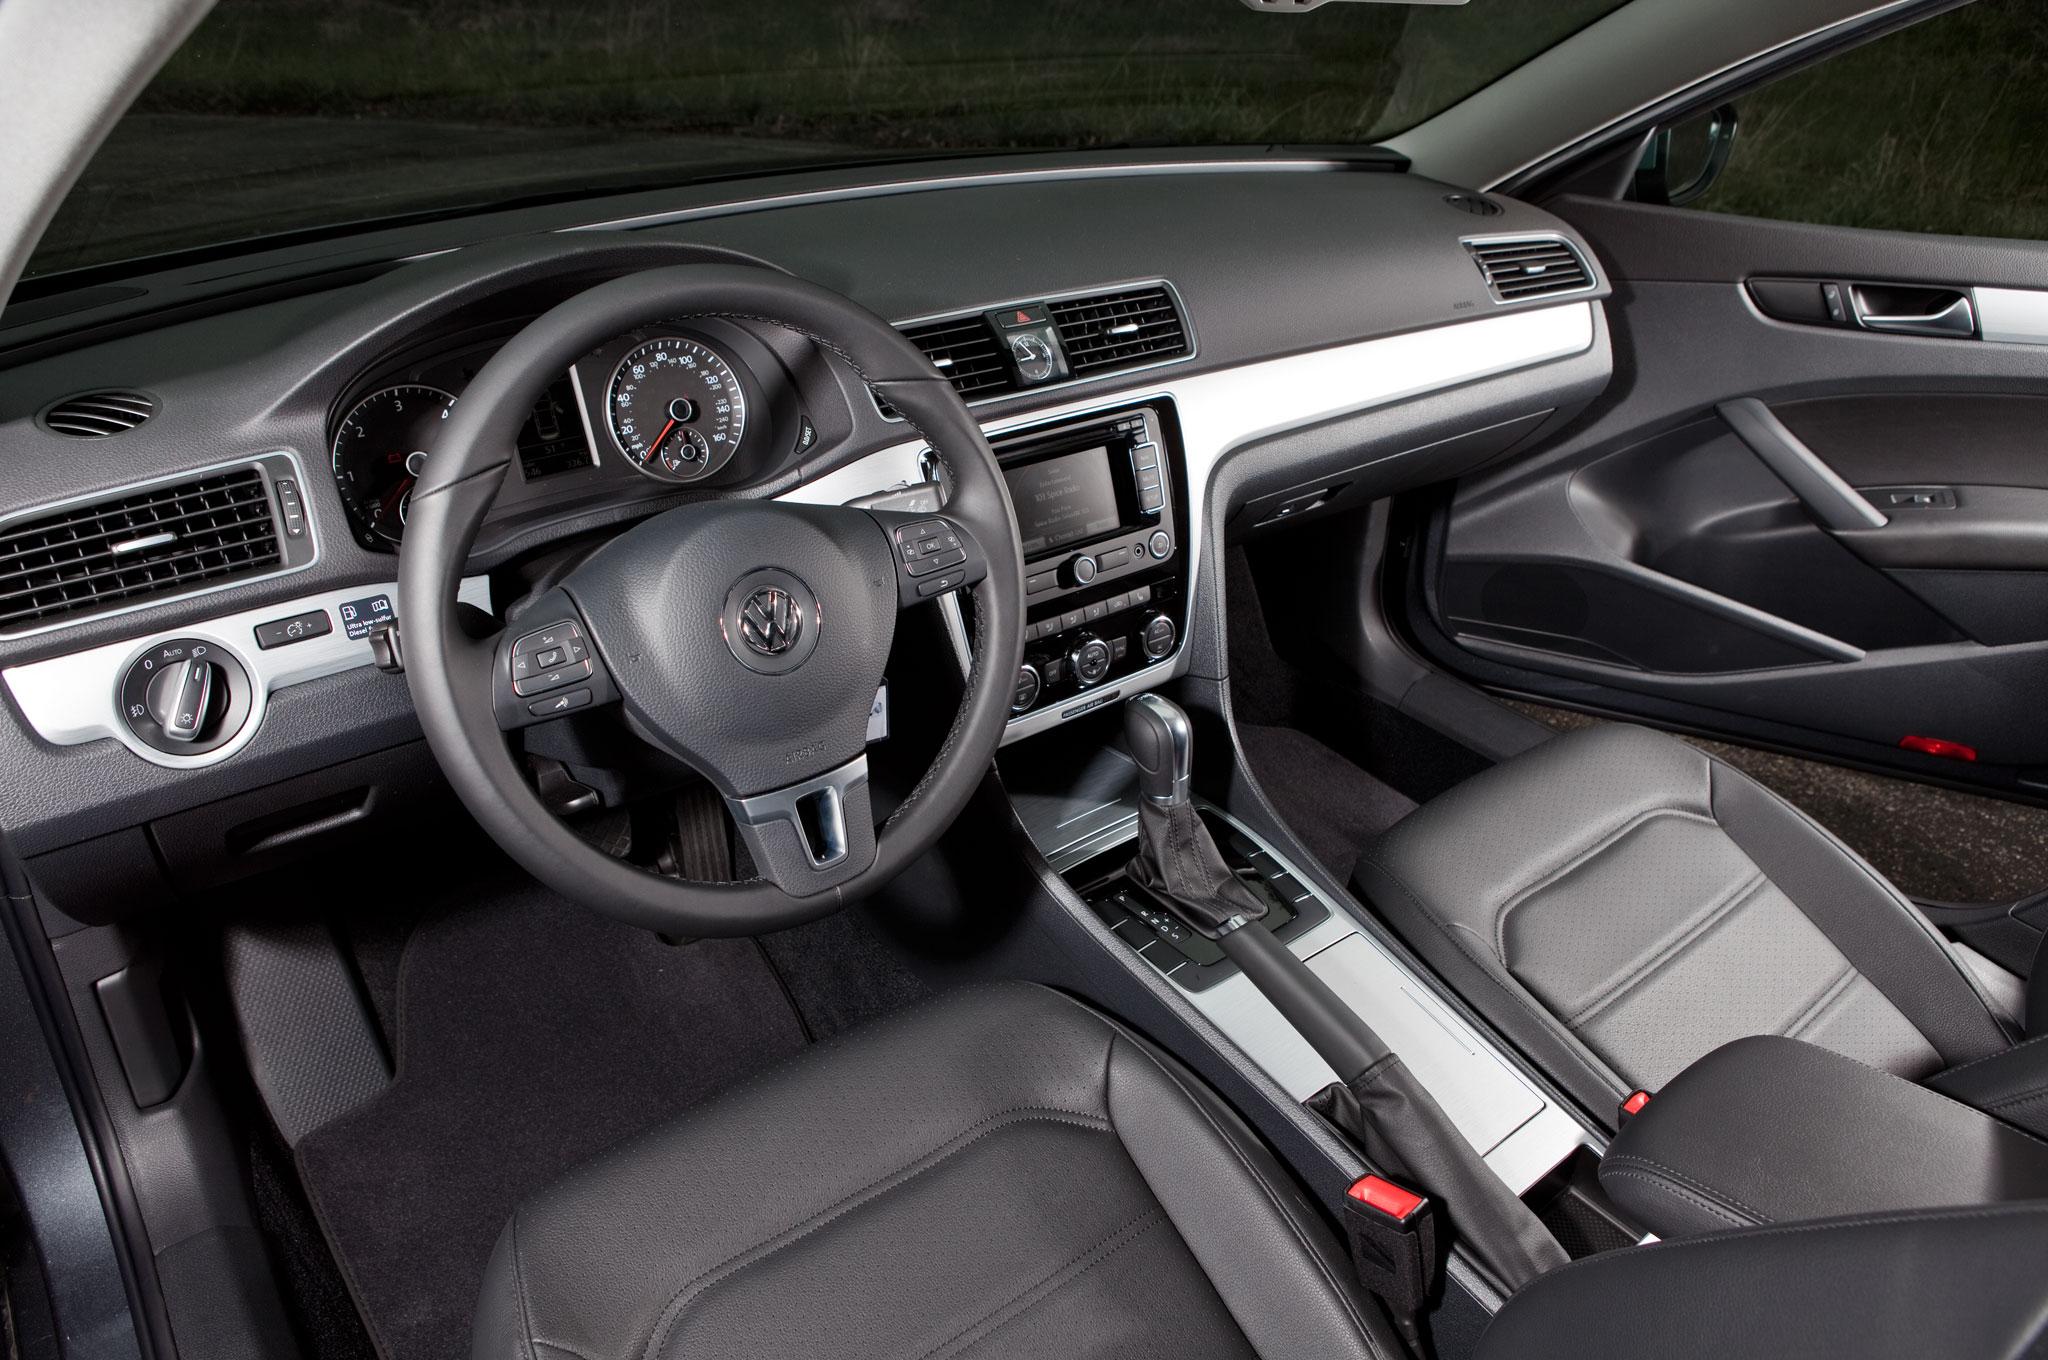 2013 vw passat tdi manual transmission